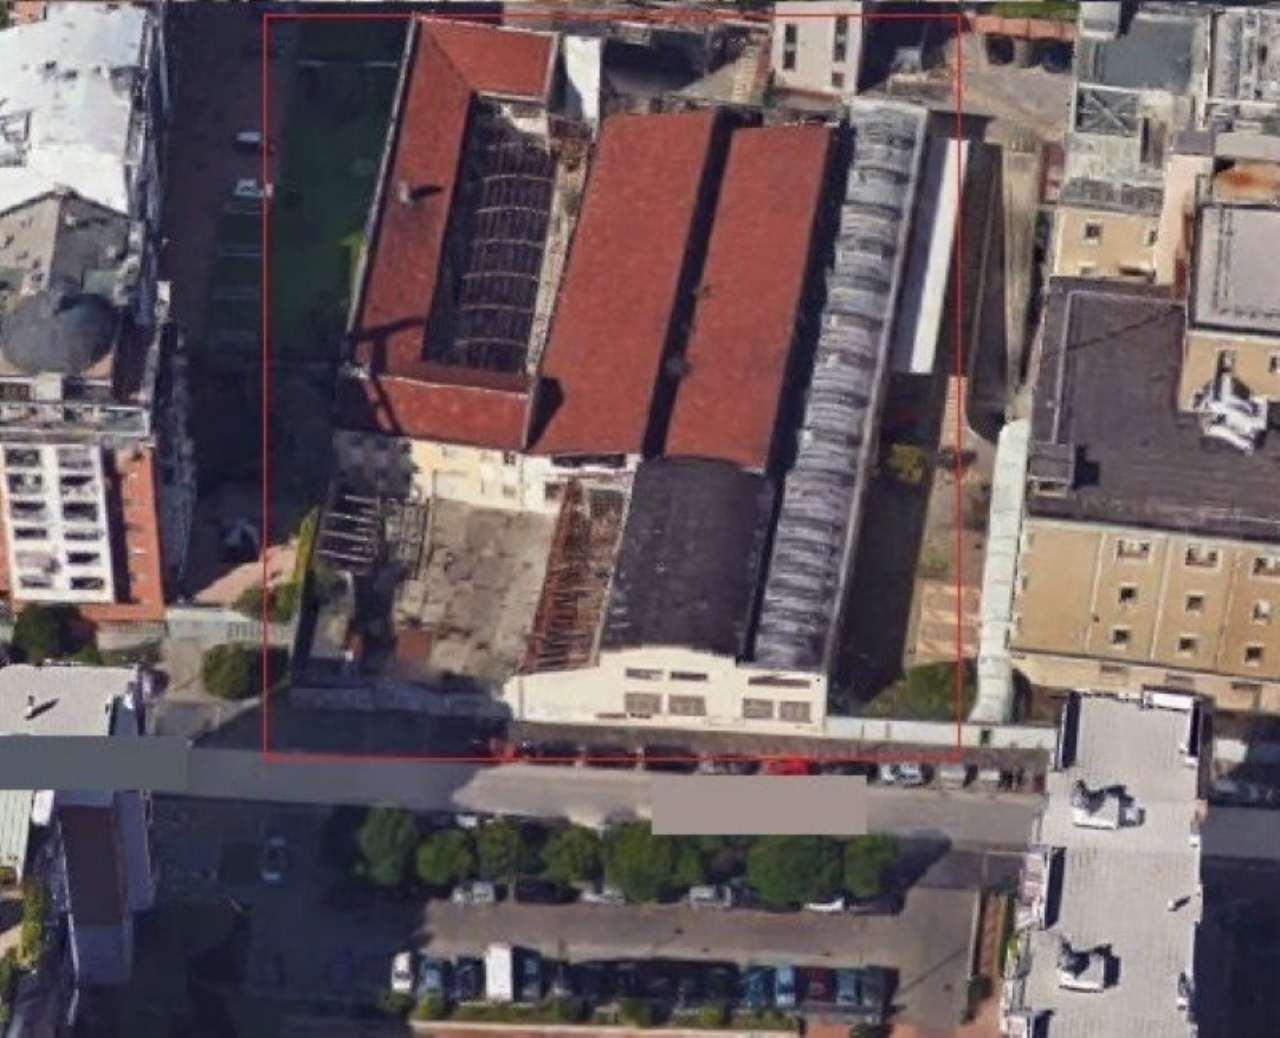 Terreno Edificabile Residenziale in vendita a Torino, 9999 locali, zona Zona: 8 . San Paolo, Cenisia, prezzo € 4.500.000   Cambio Casa.it